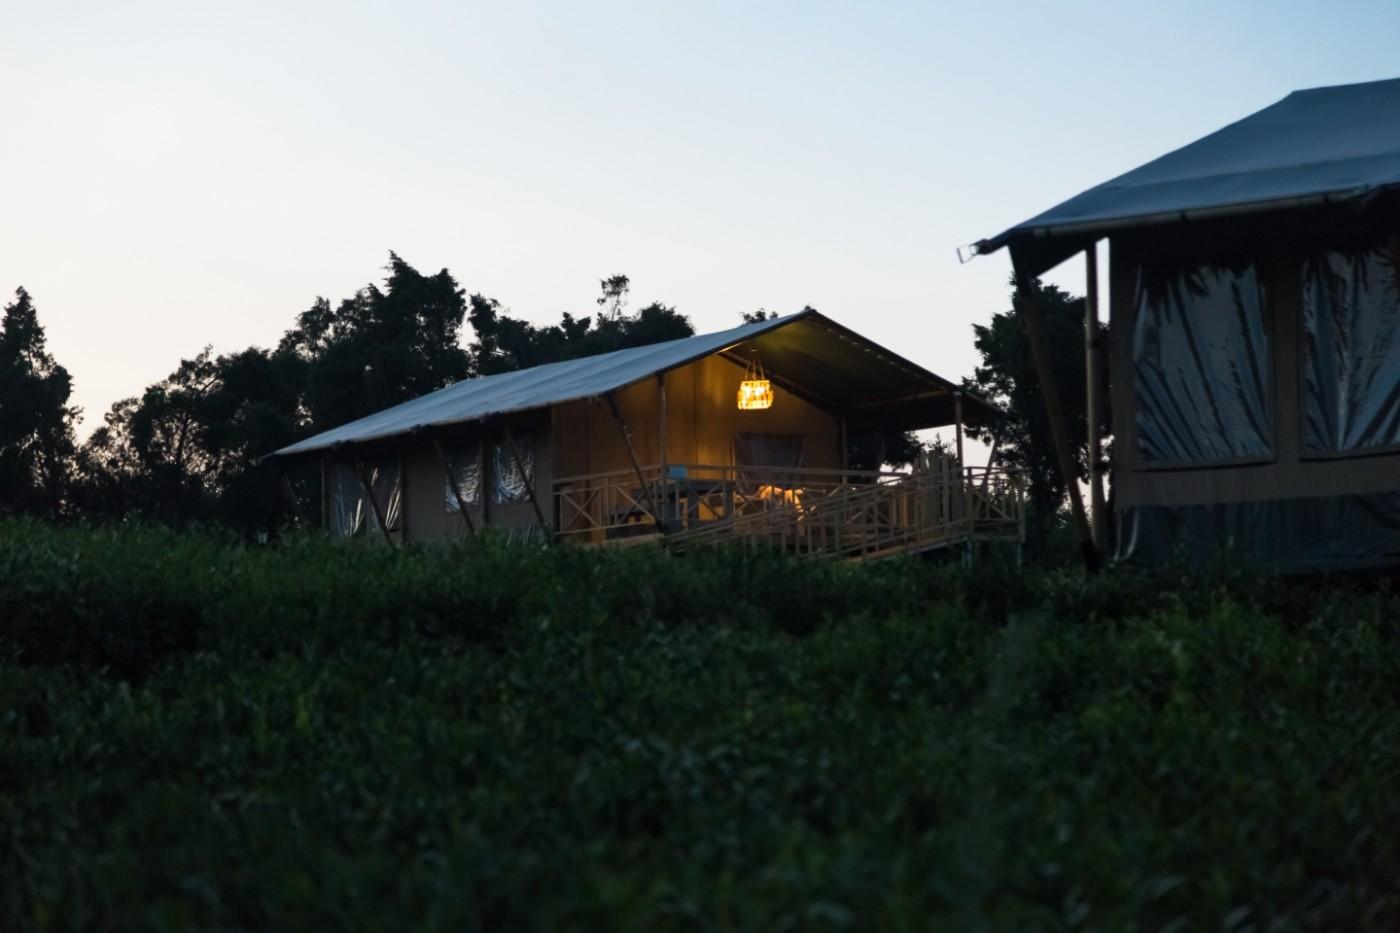 喜马拉雅野奢帐篷酒店—江苏常州茅山宝盛园茶园帐篷酒店25